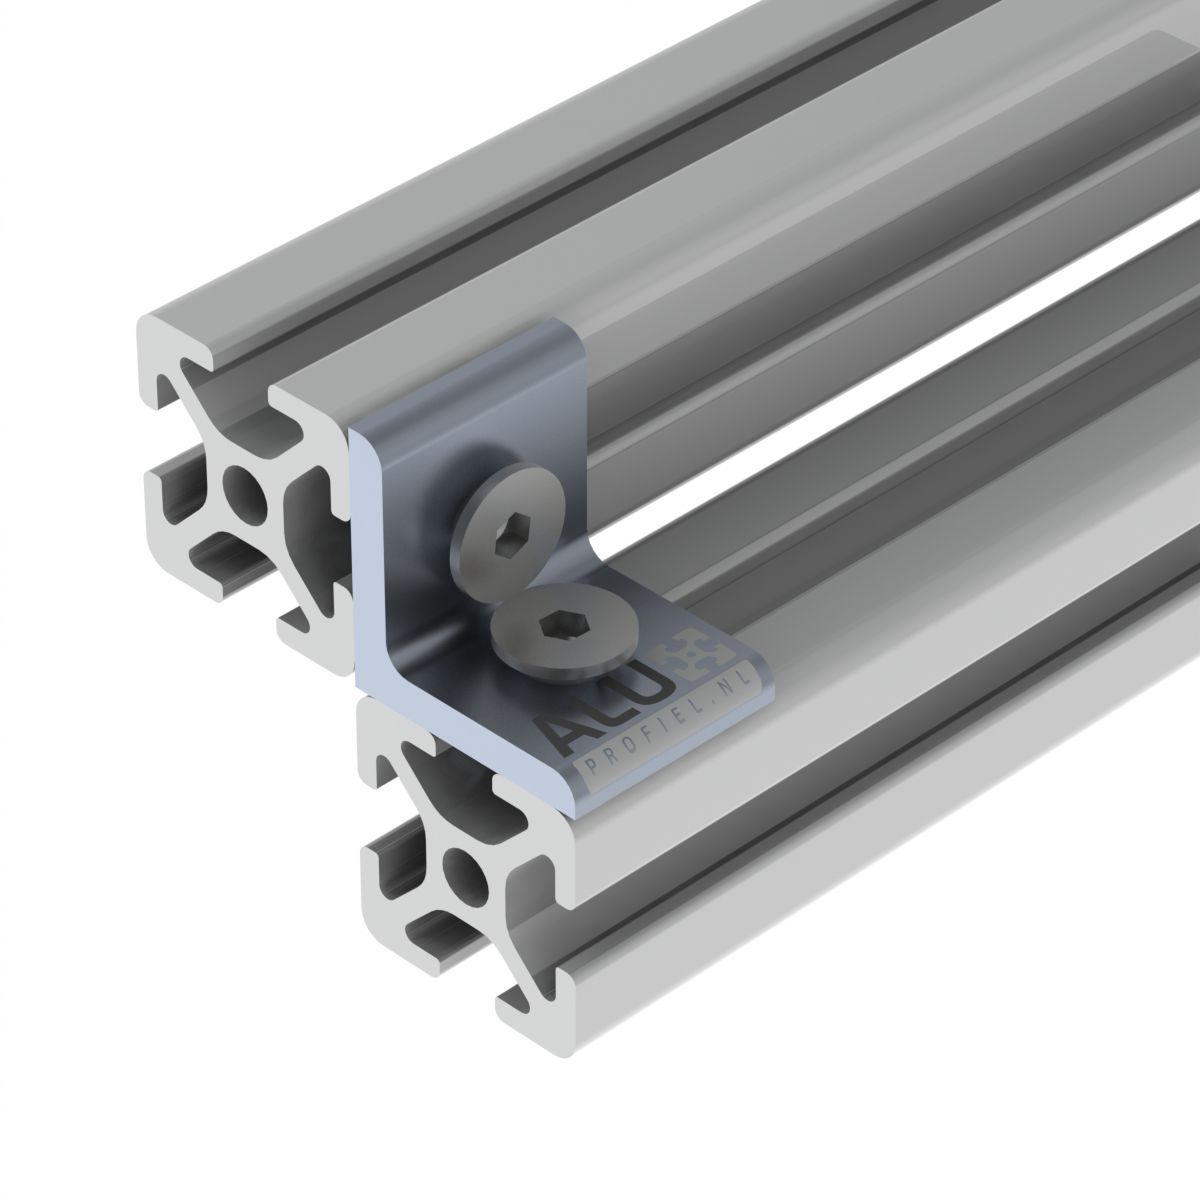 verbindingshoek voor aluminium profiel